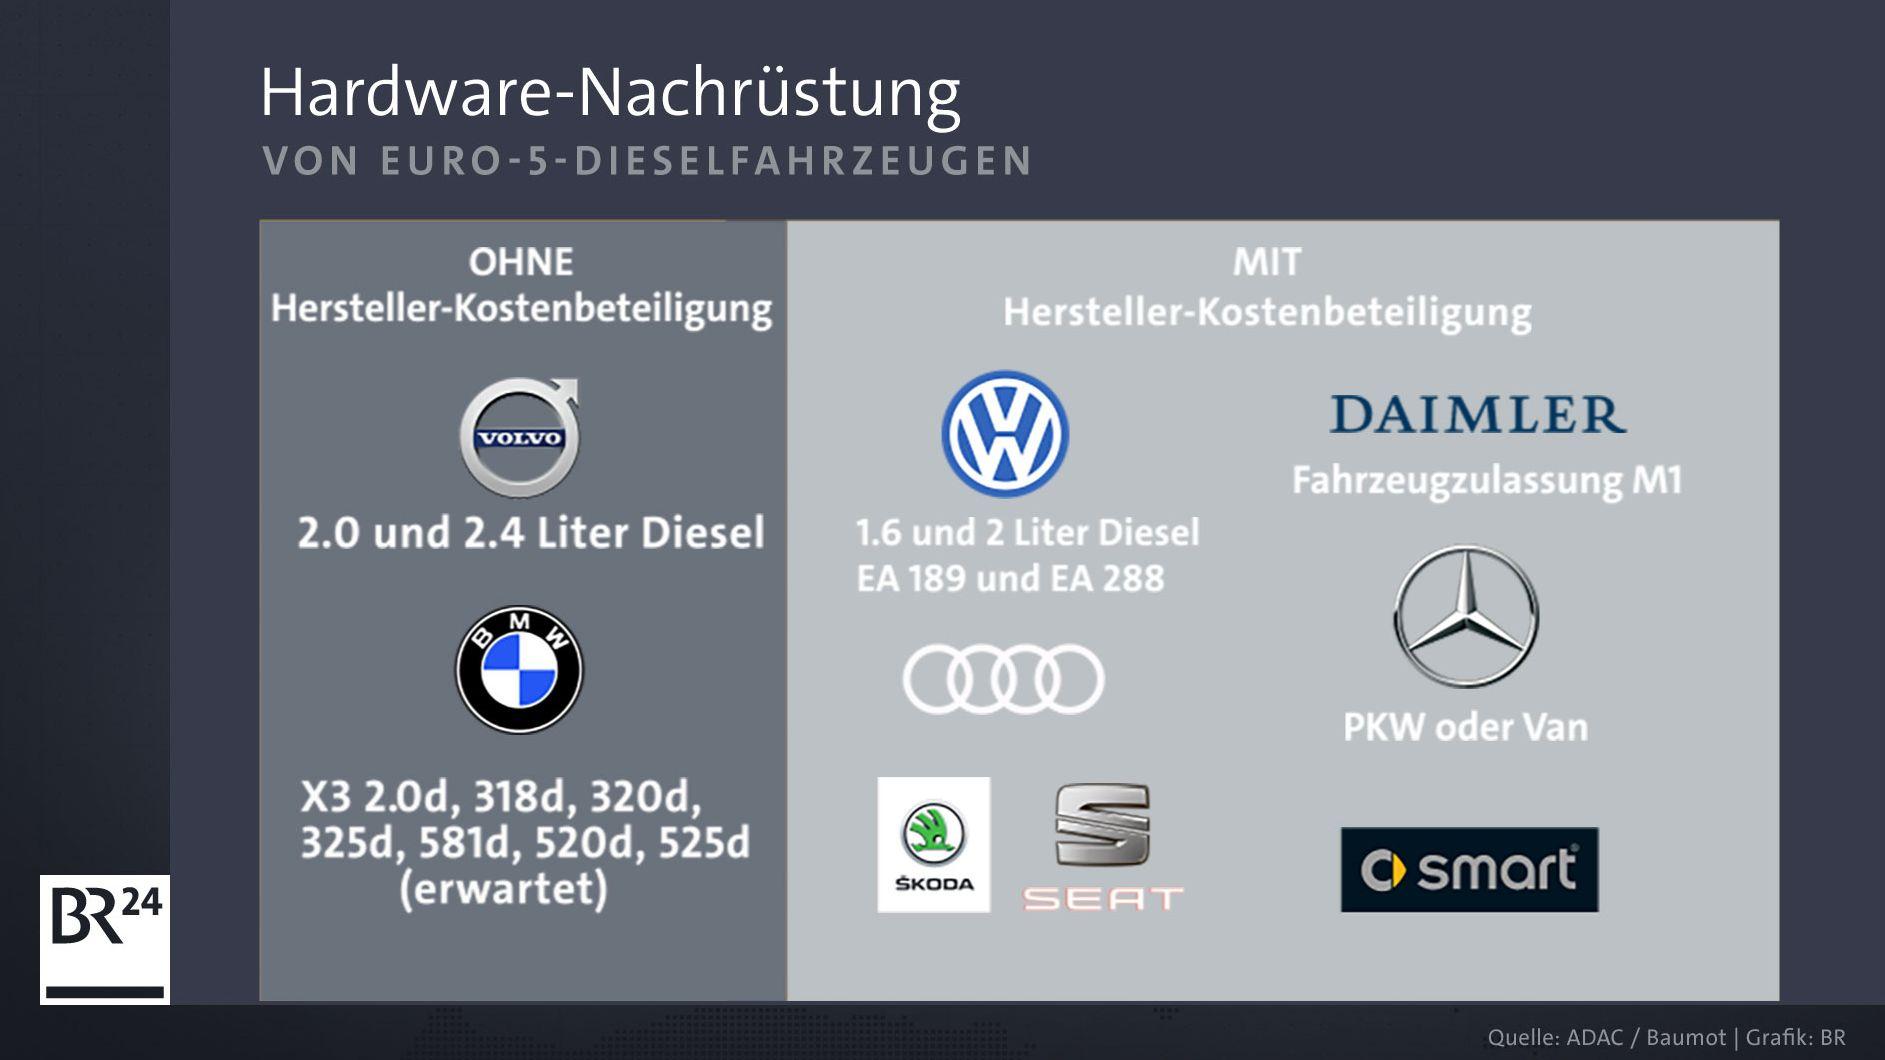 Grafik mit Automarken und deren Hardware-Nachrüstung